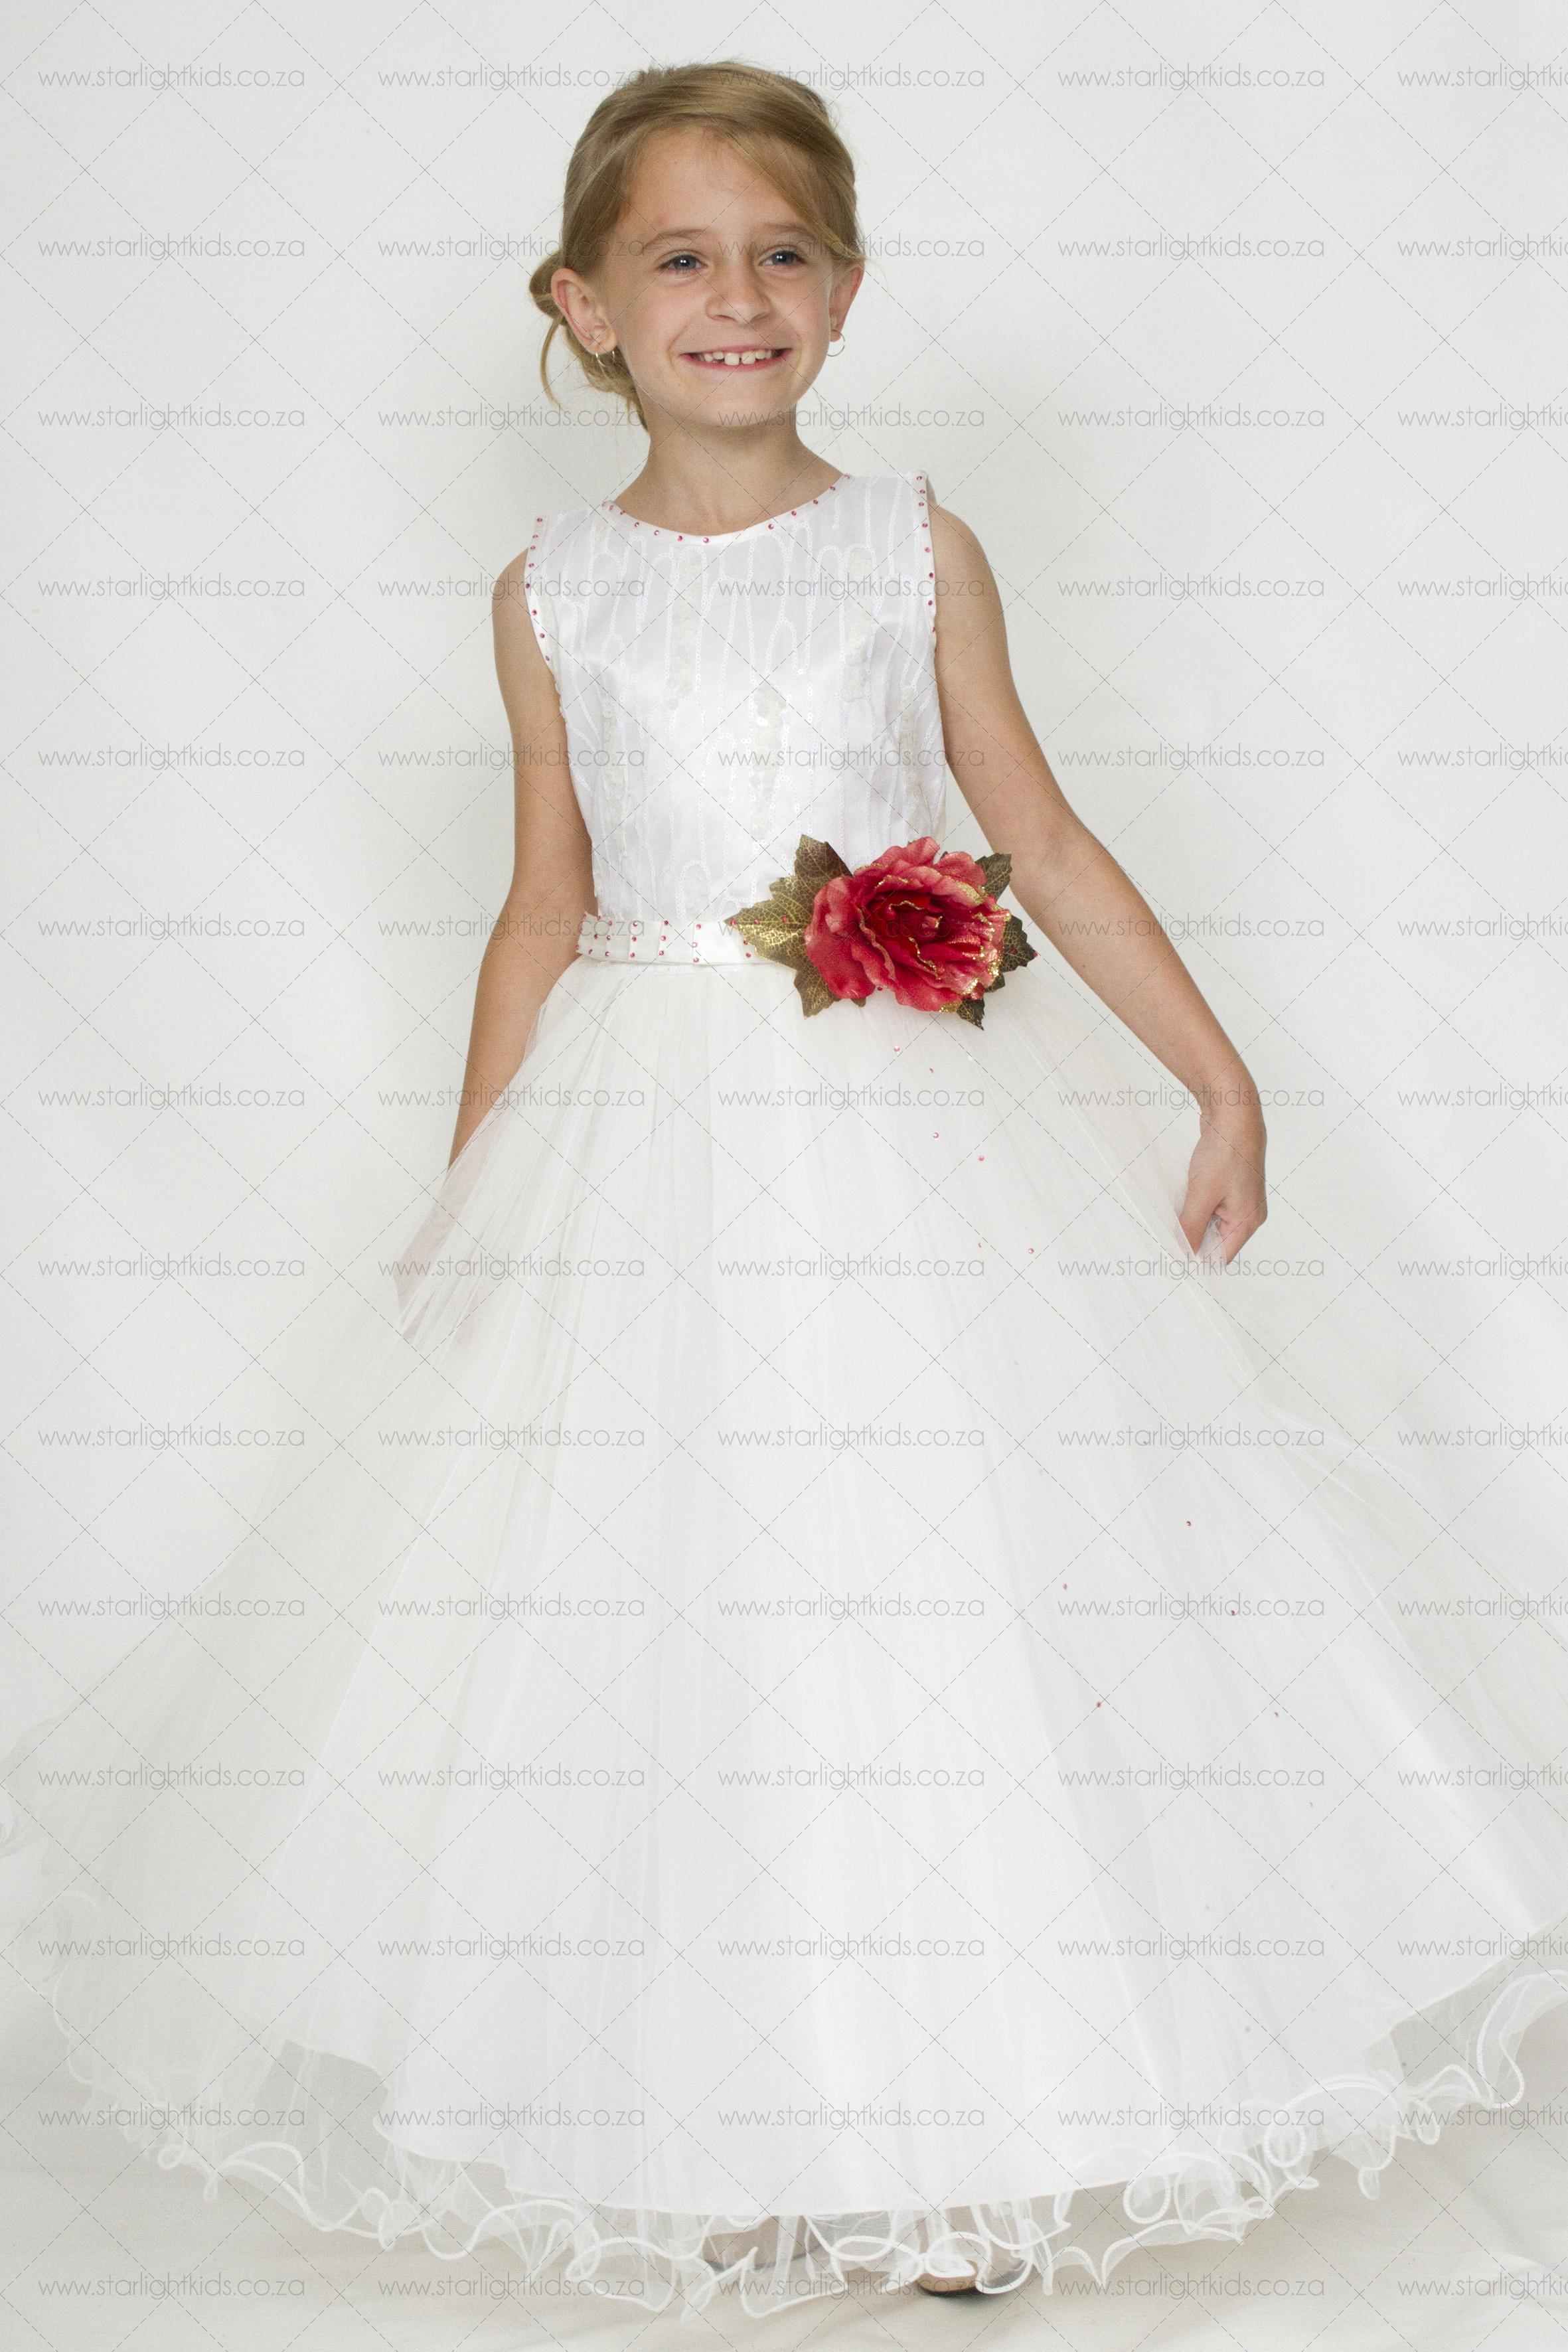 Flower Girl Dress Off White Flower Girl Dress Starlight Kids